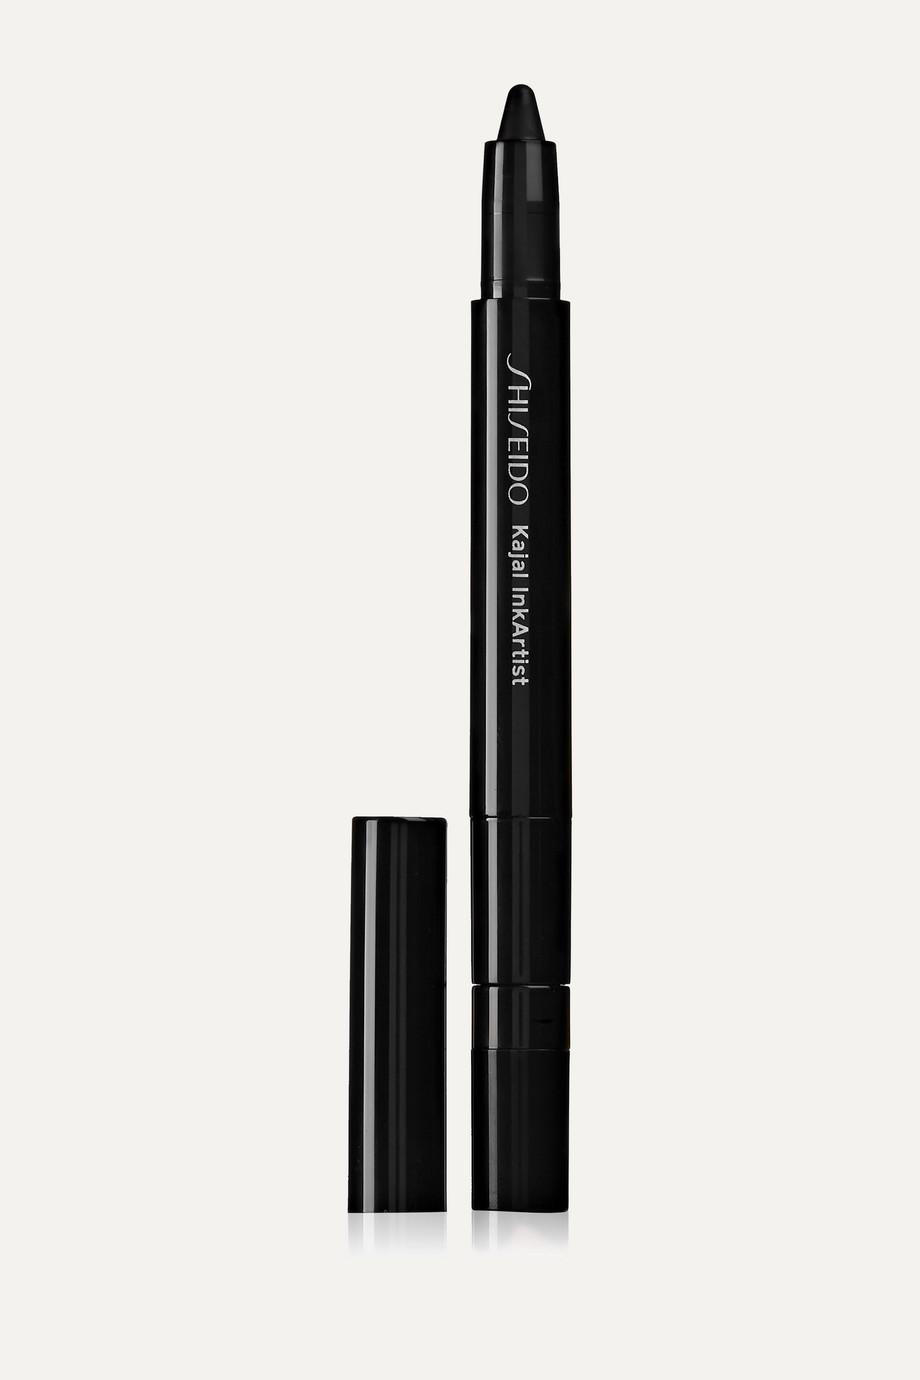 Shiseido Kajal InkArtist – Nippon Noir 09 – Kajal